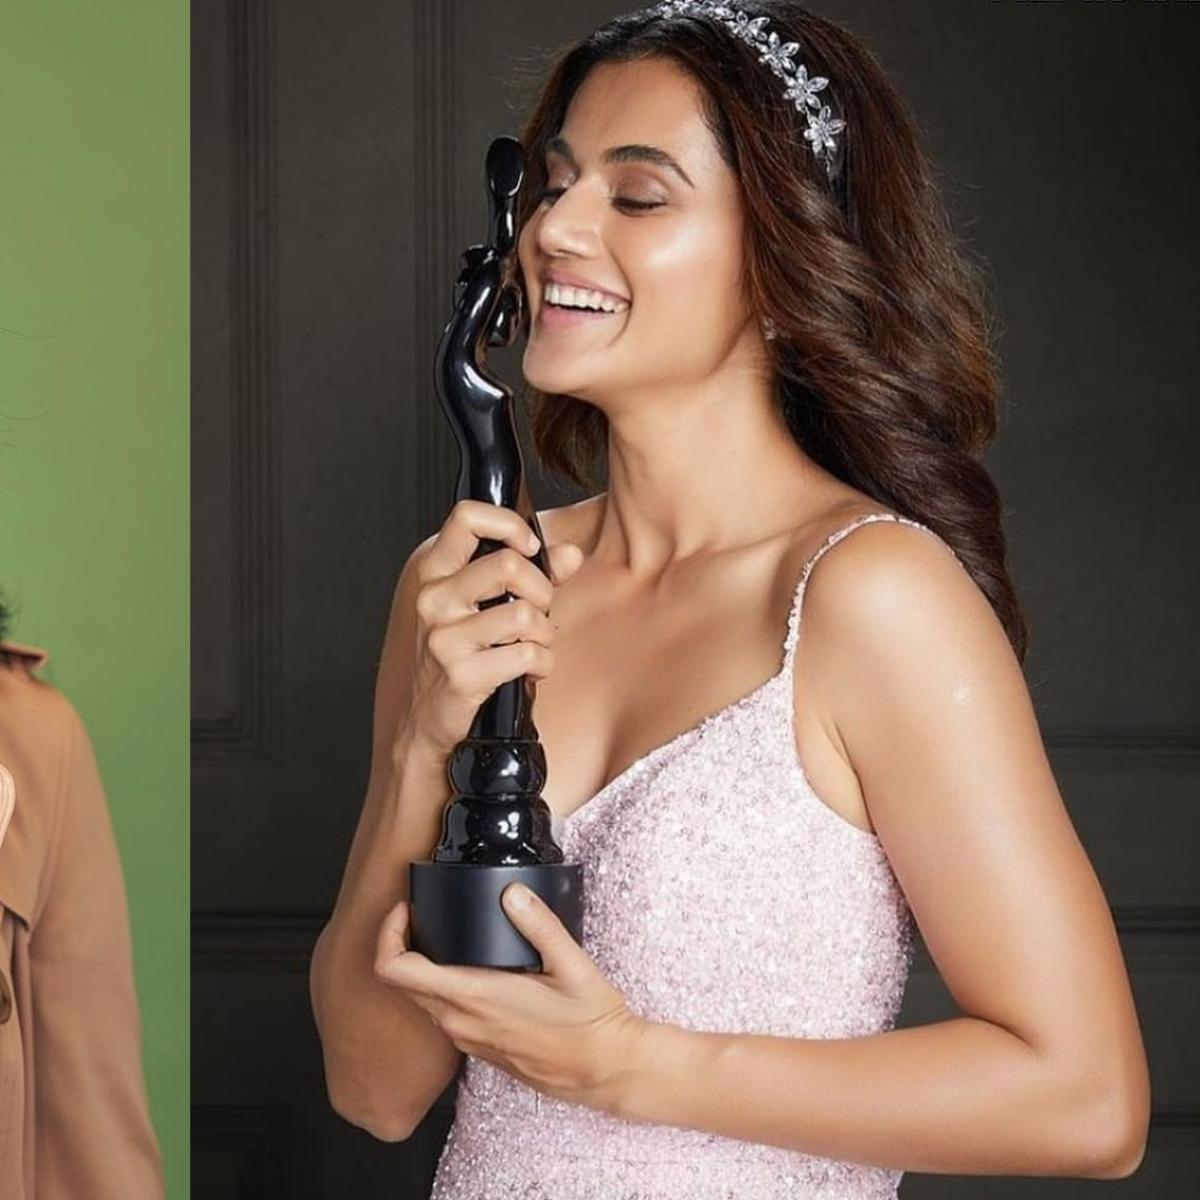 Kangana Ranaut reacts to 'sasti copy' Taapse Pannu's Filmfare award-winning speech thanking her